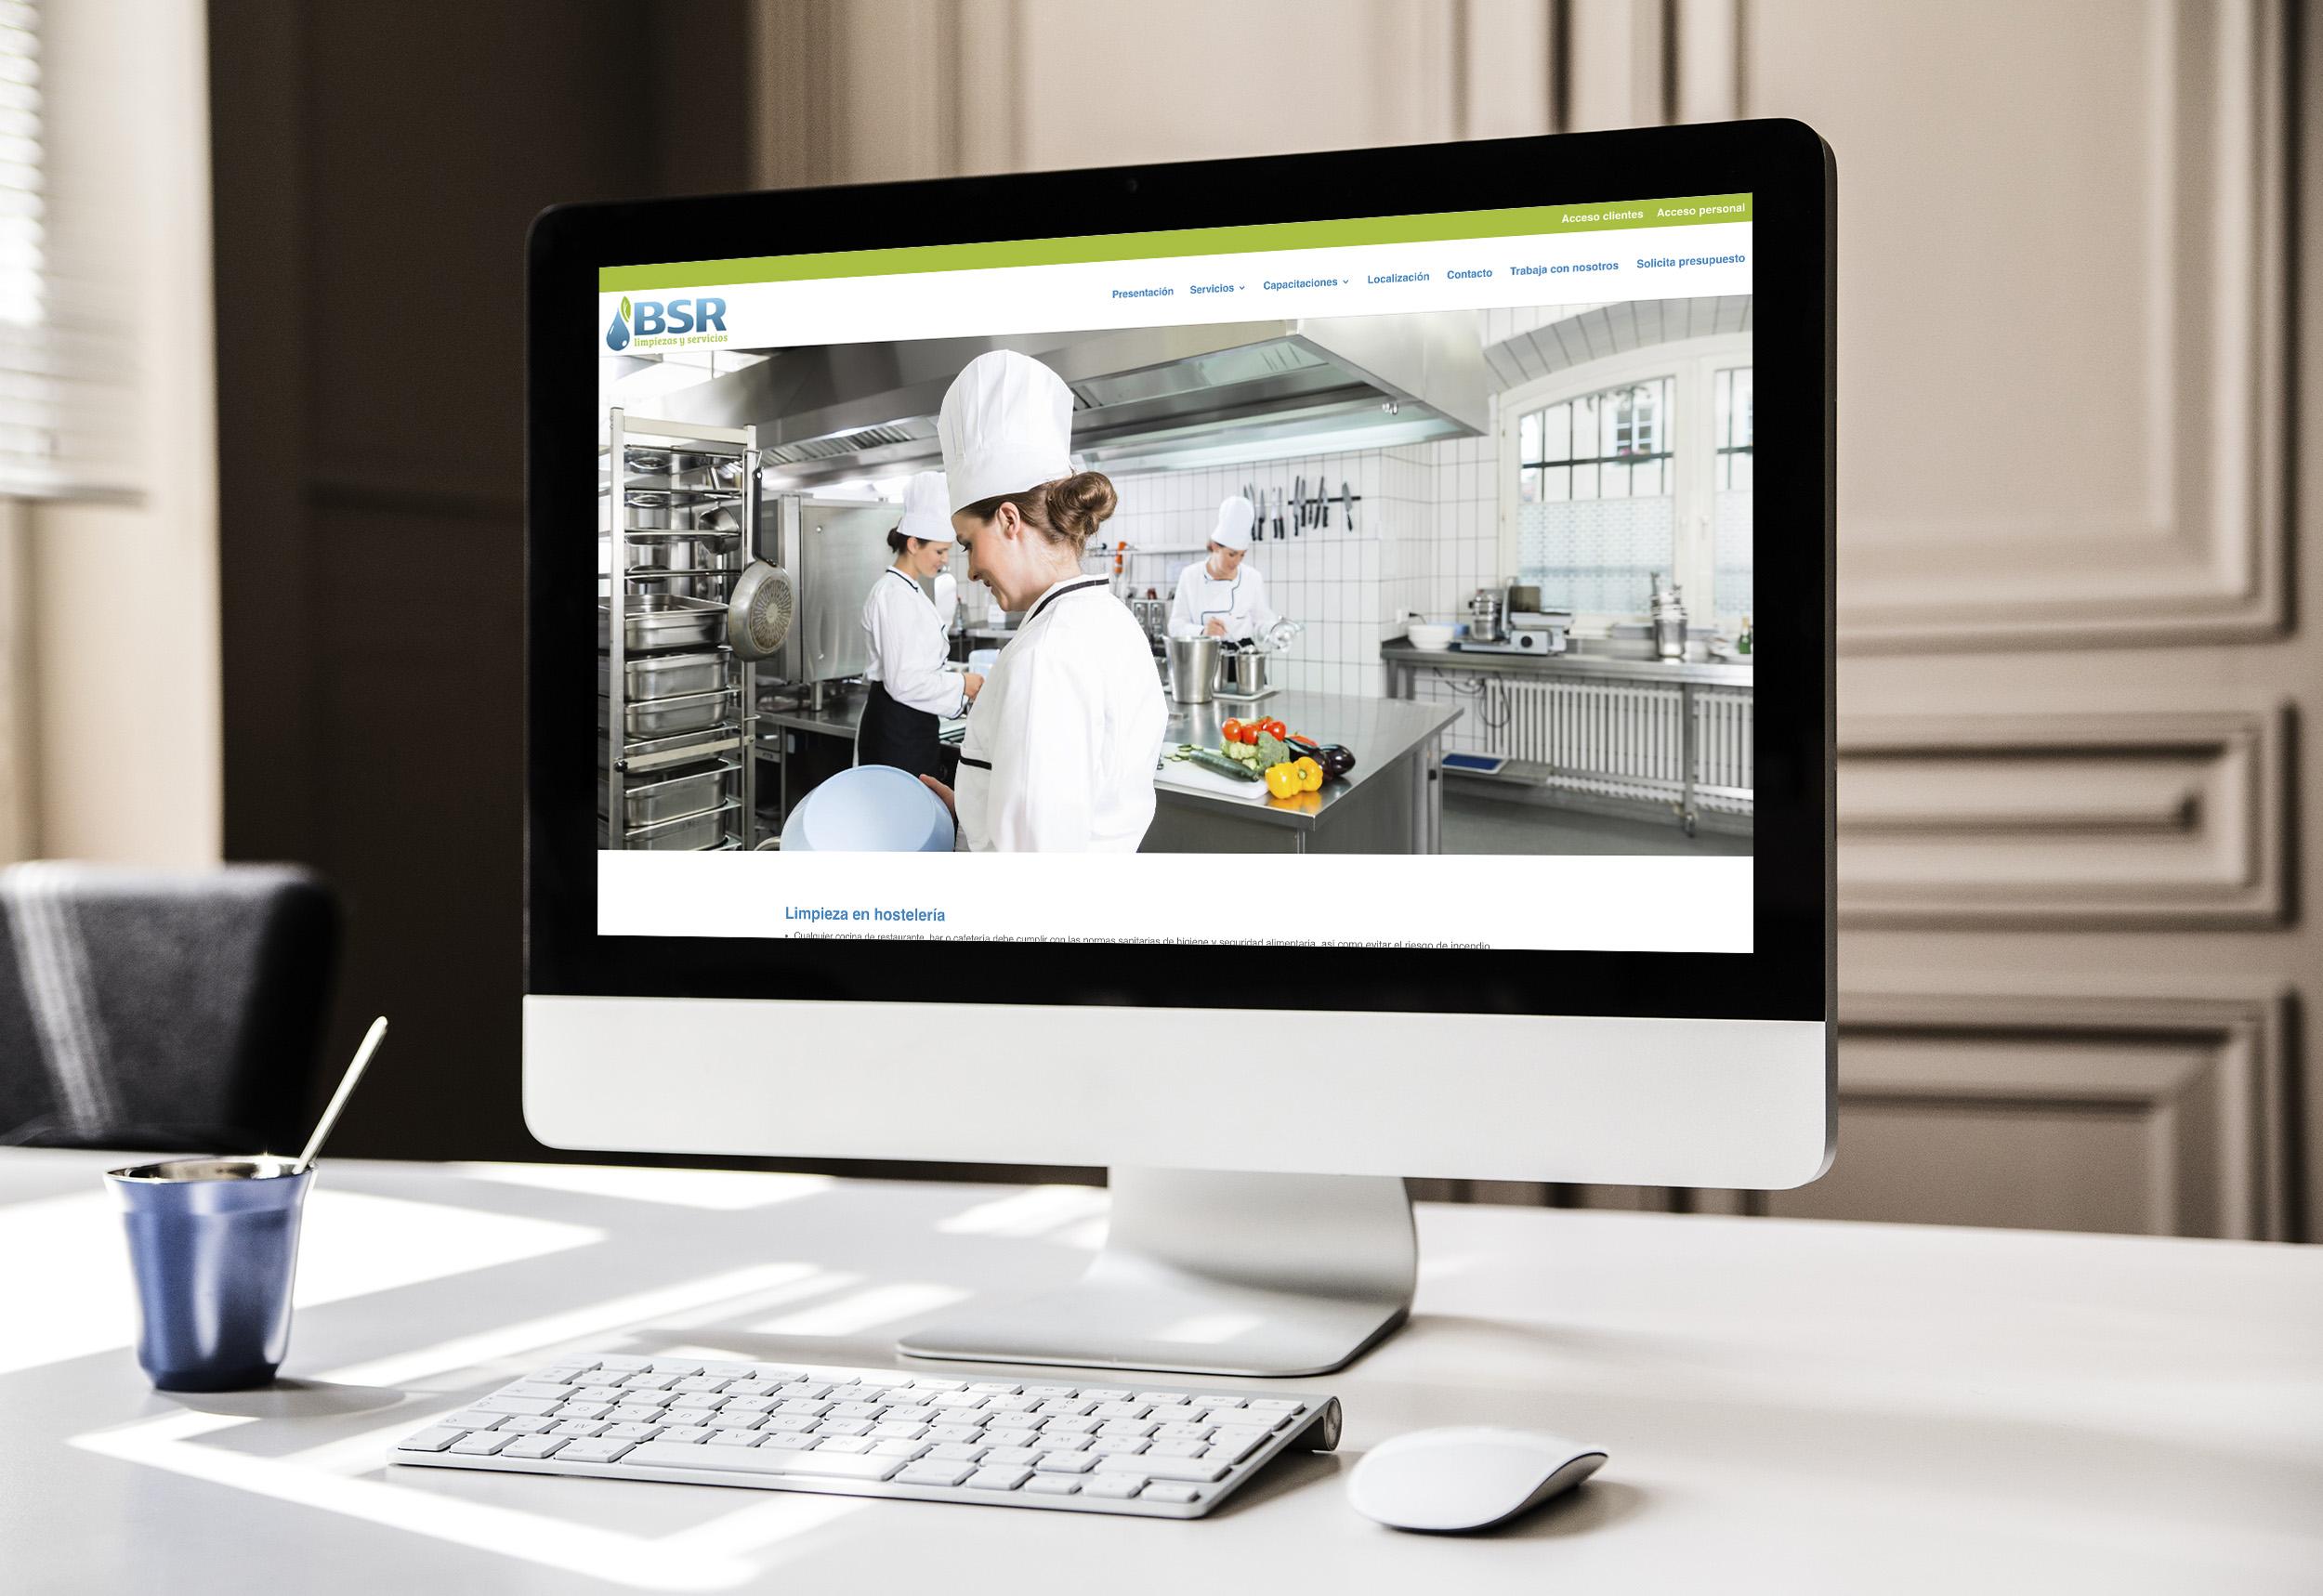 motiva-agencia-comunicacion_online_web_BSR-limpiezas